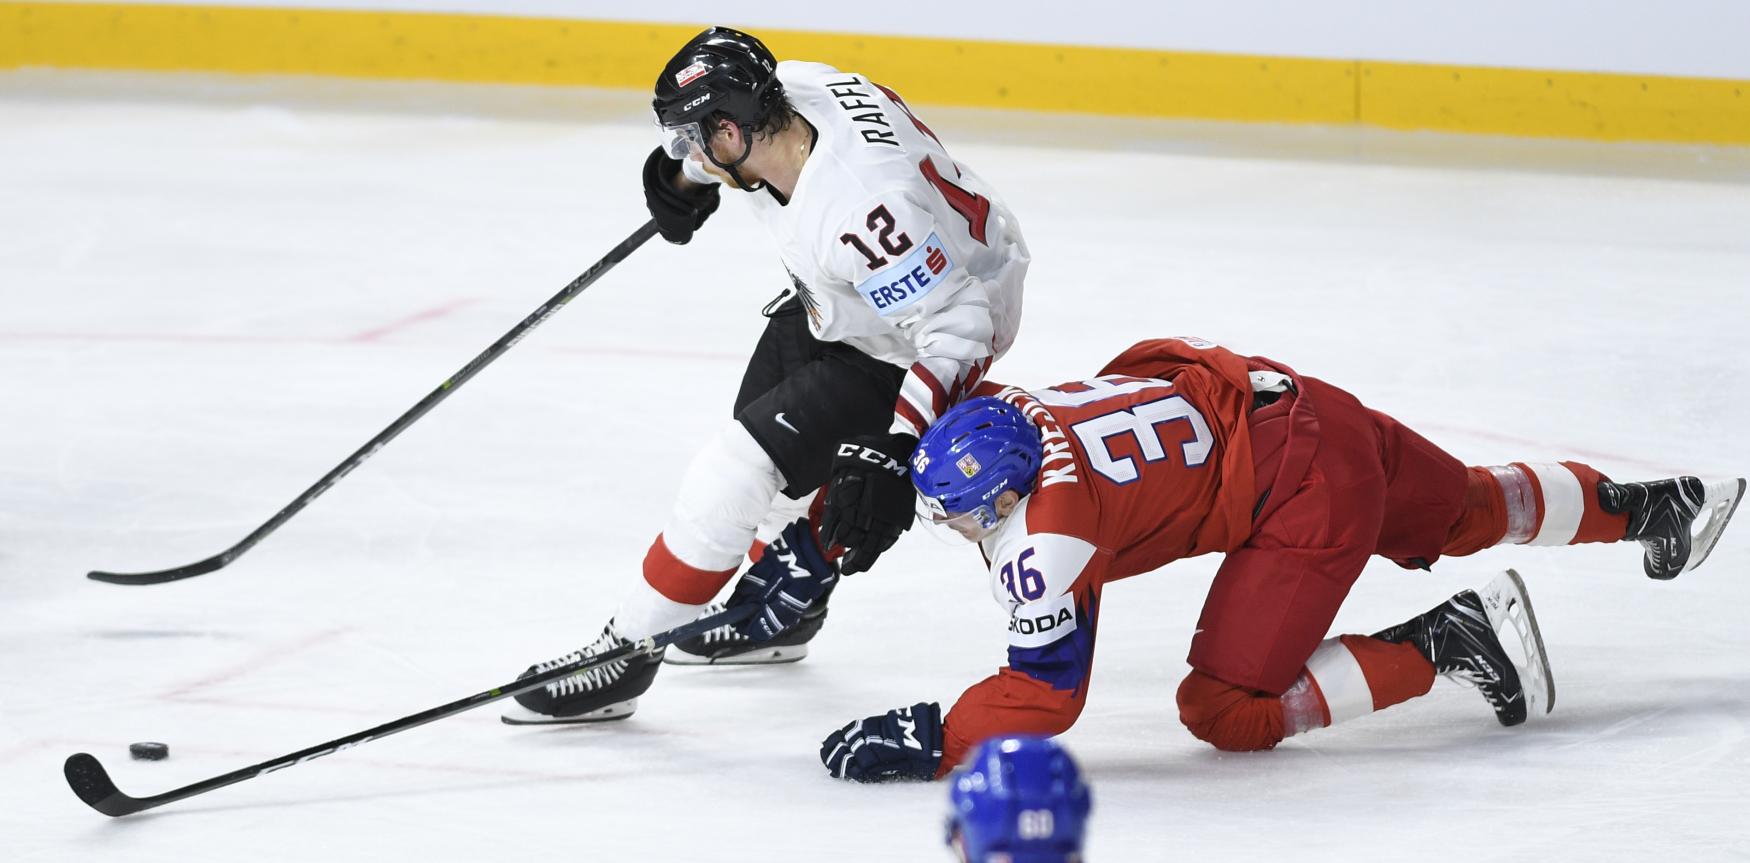 Eishockey.At